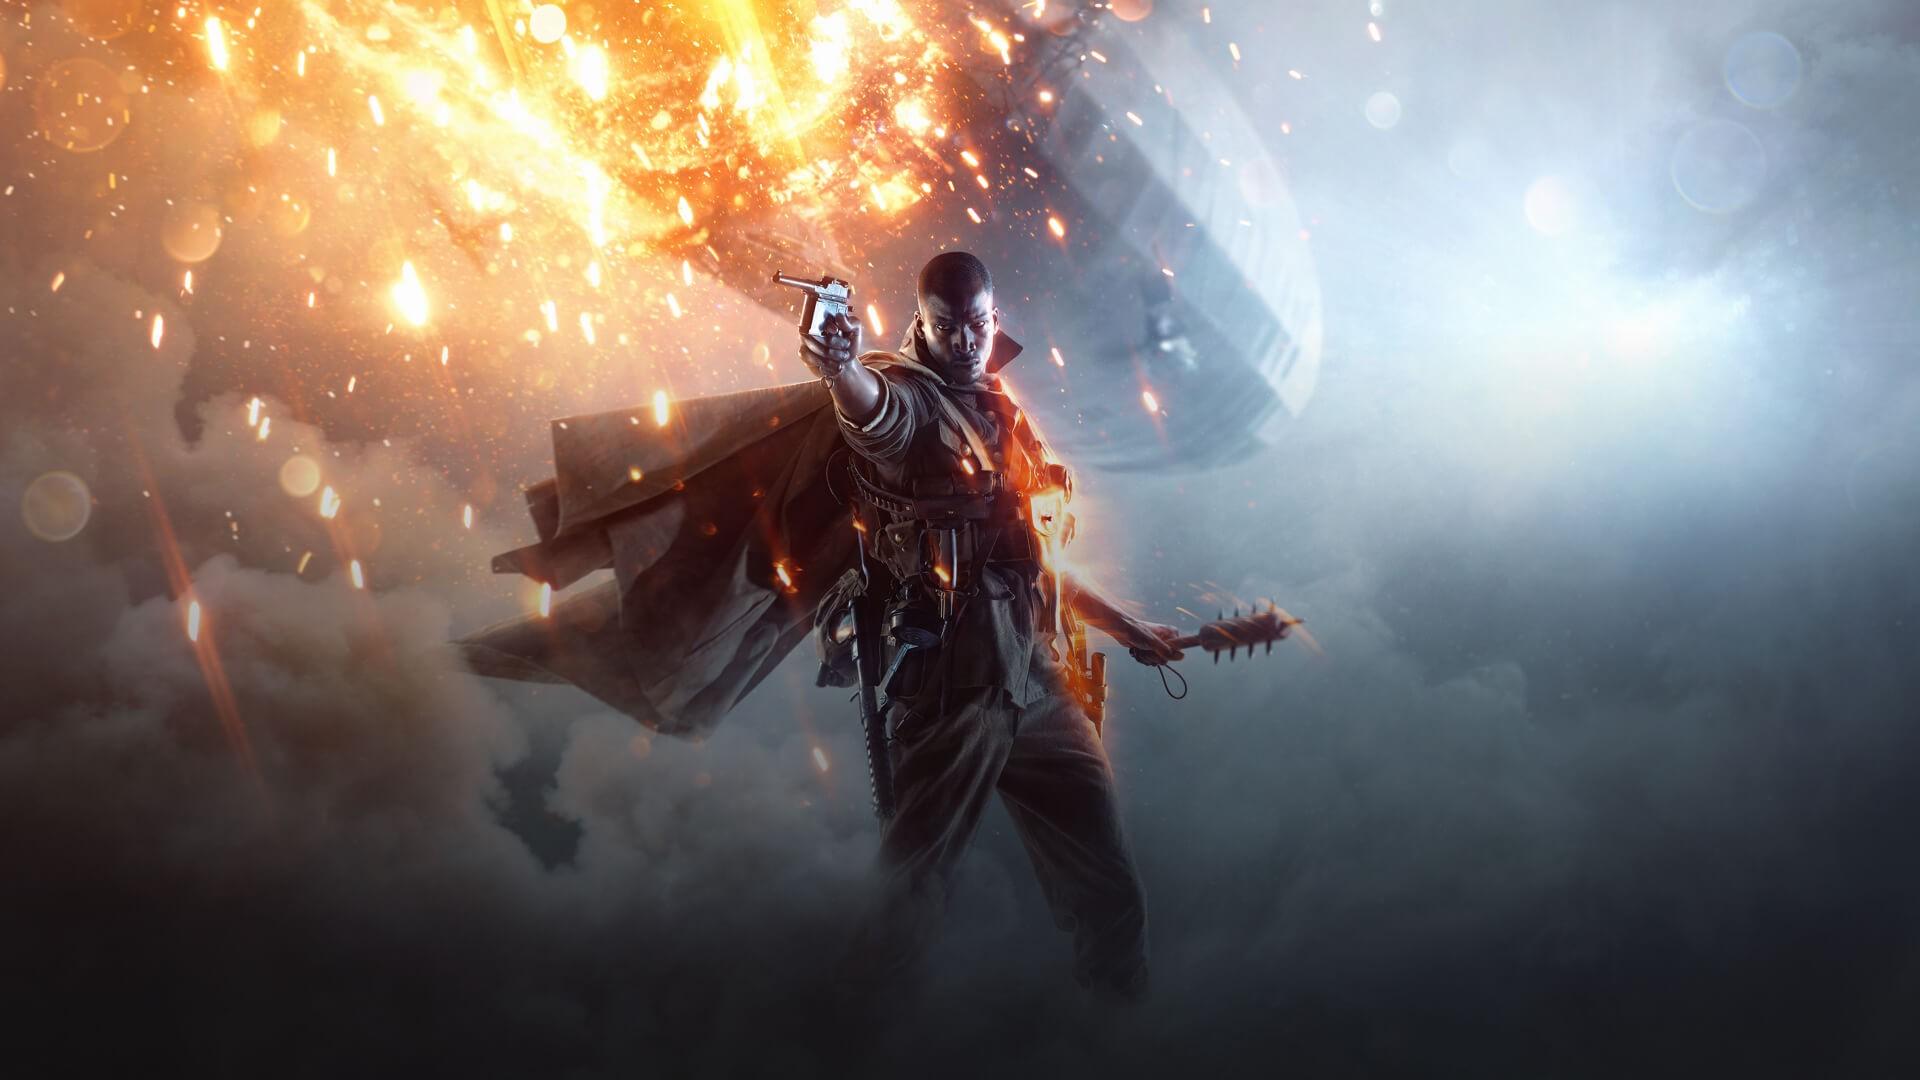 Wallpaper Battlefield gaming